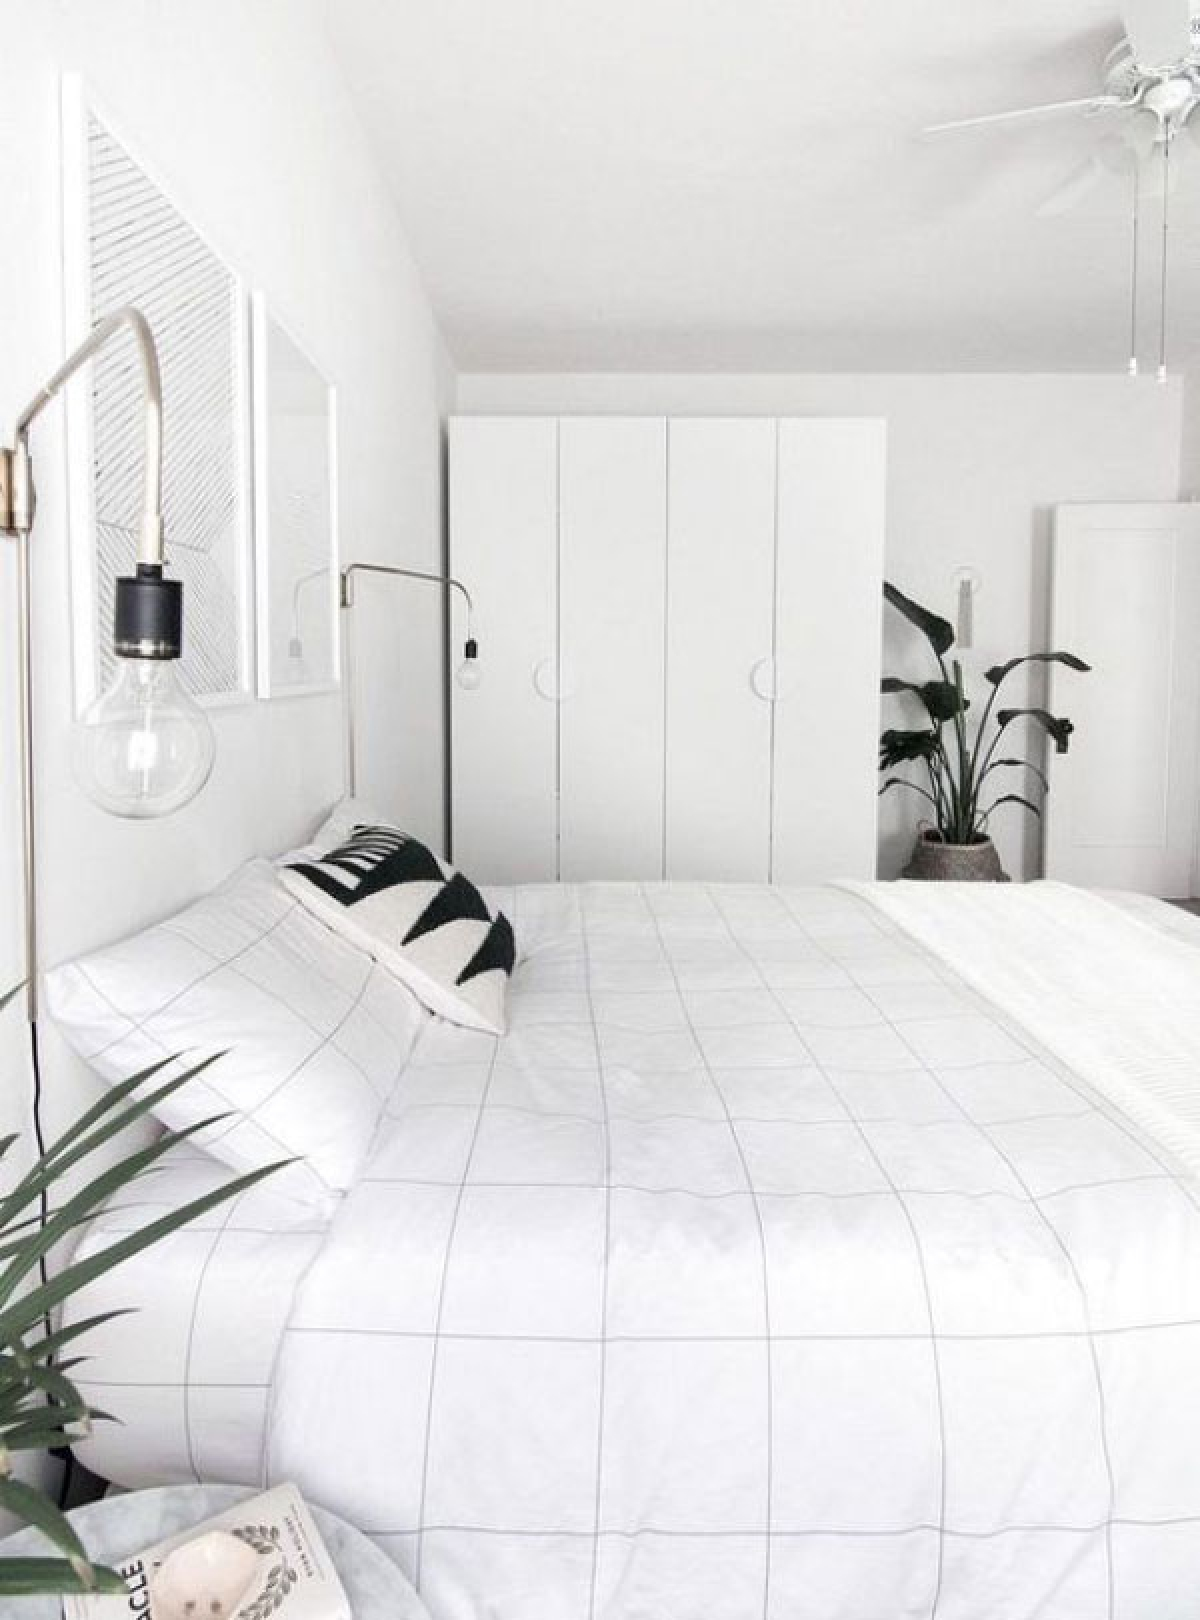 Mẹo lựa chọn nội thất giúp phòng ngủ thoáng rộng